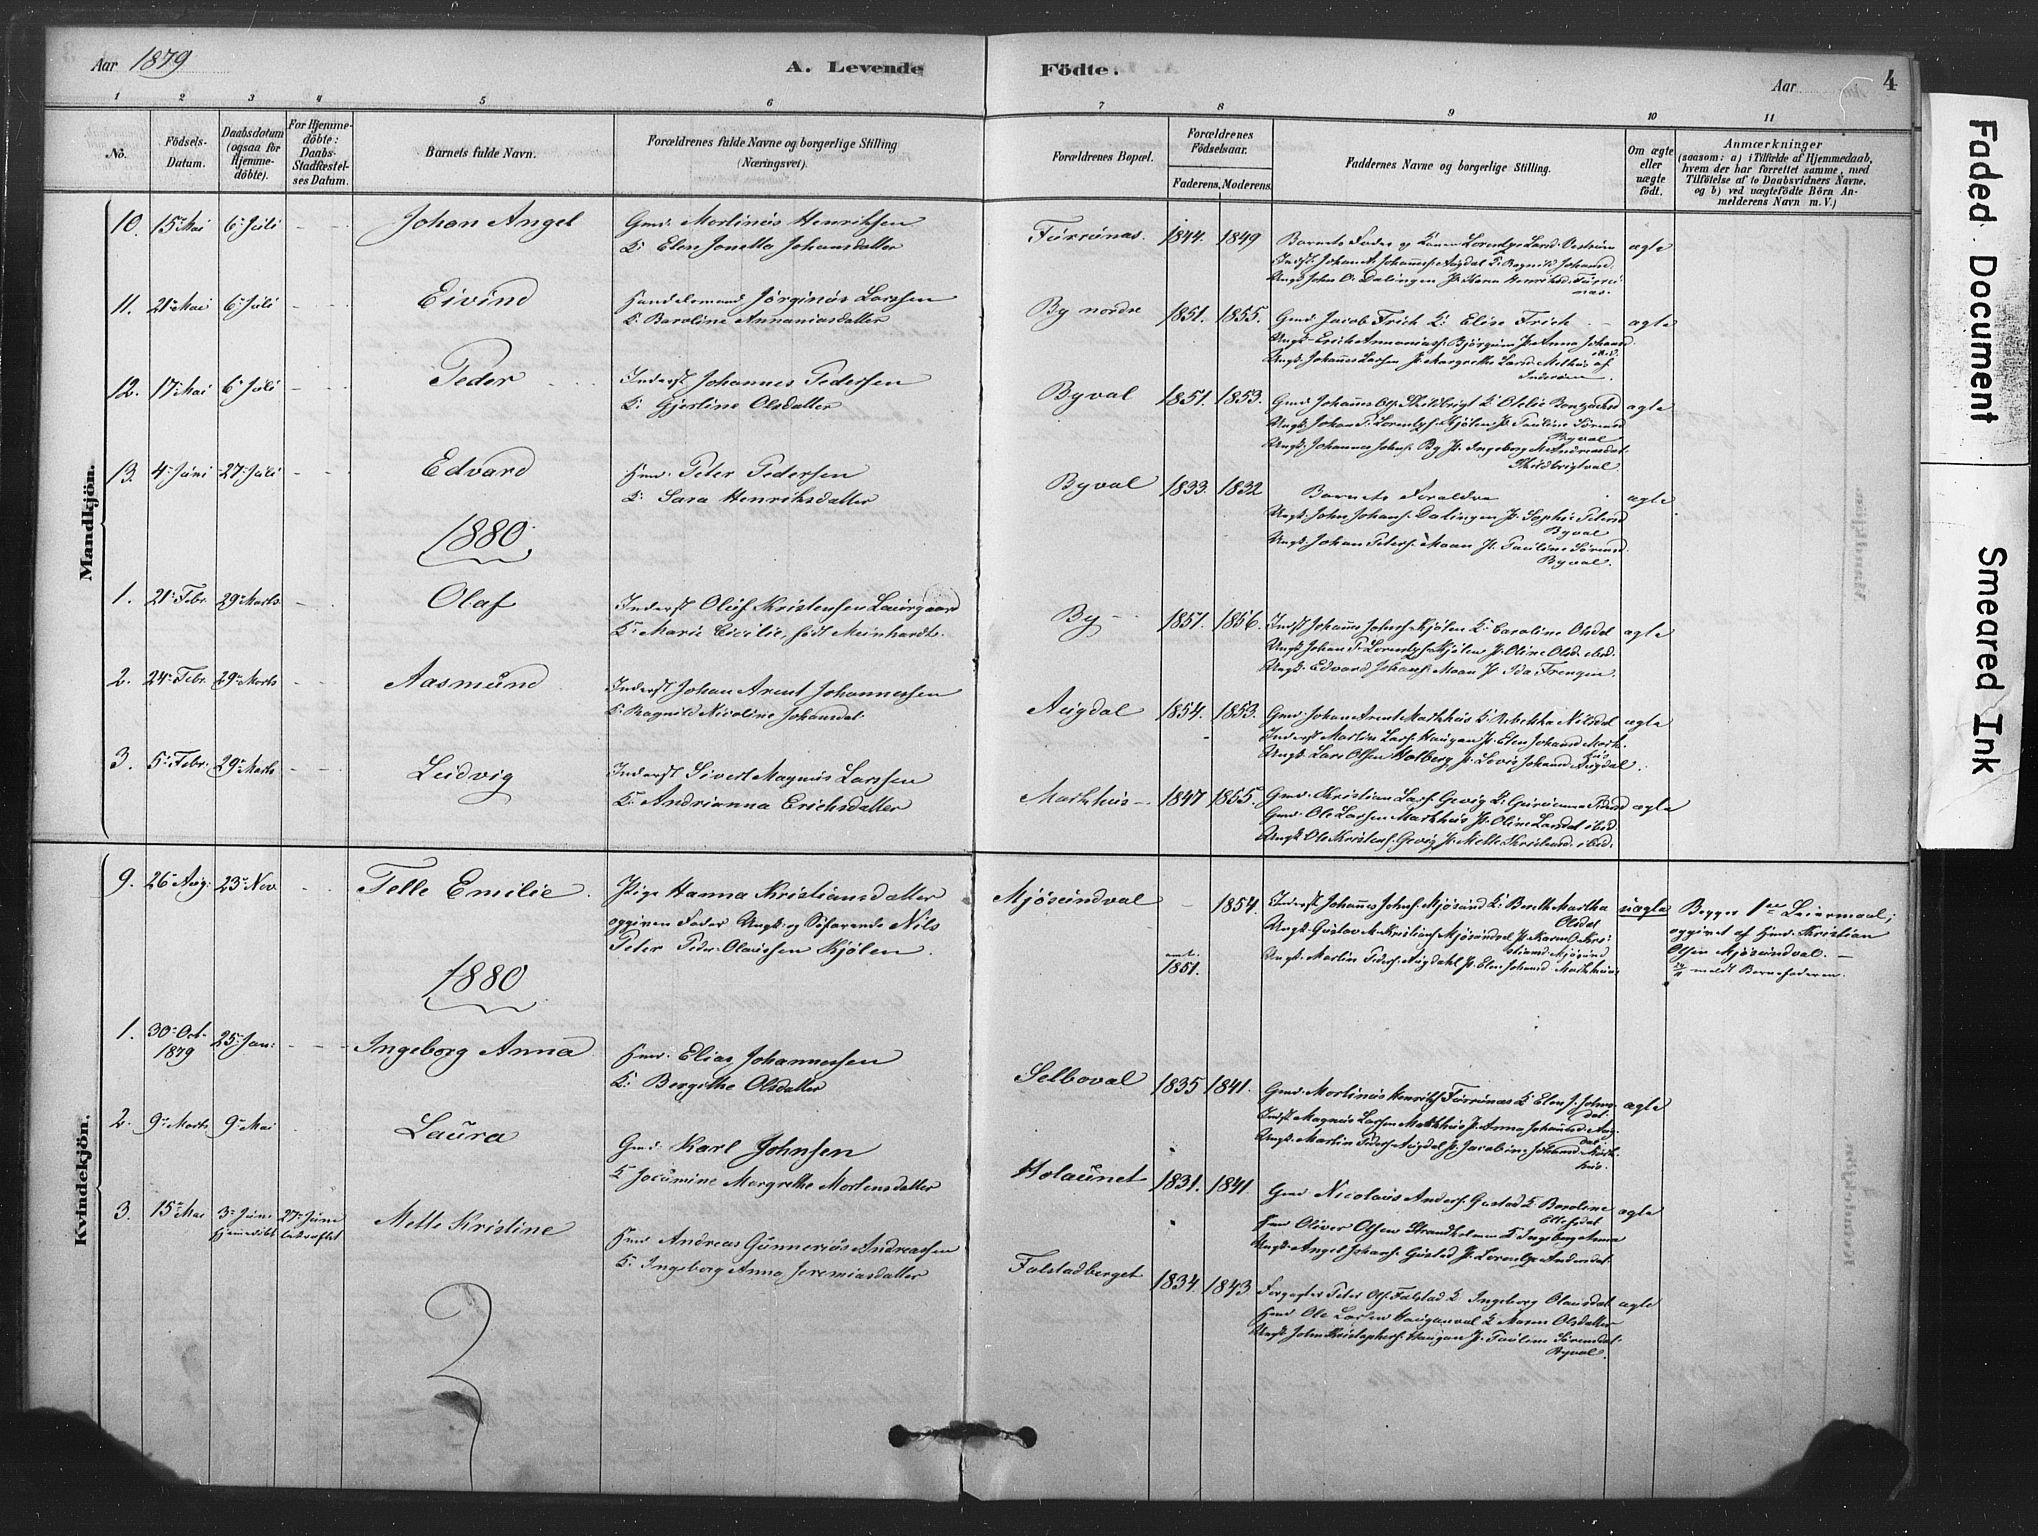 SAT, Ministerialprotokoller, klokkerbøker og fødselsregistre - Nord-Trøndelag, 719/L0178: Ministerialbok nr. 719A01, 1878-1900, s. 4